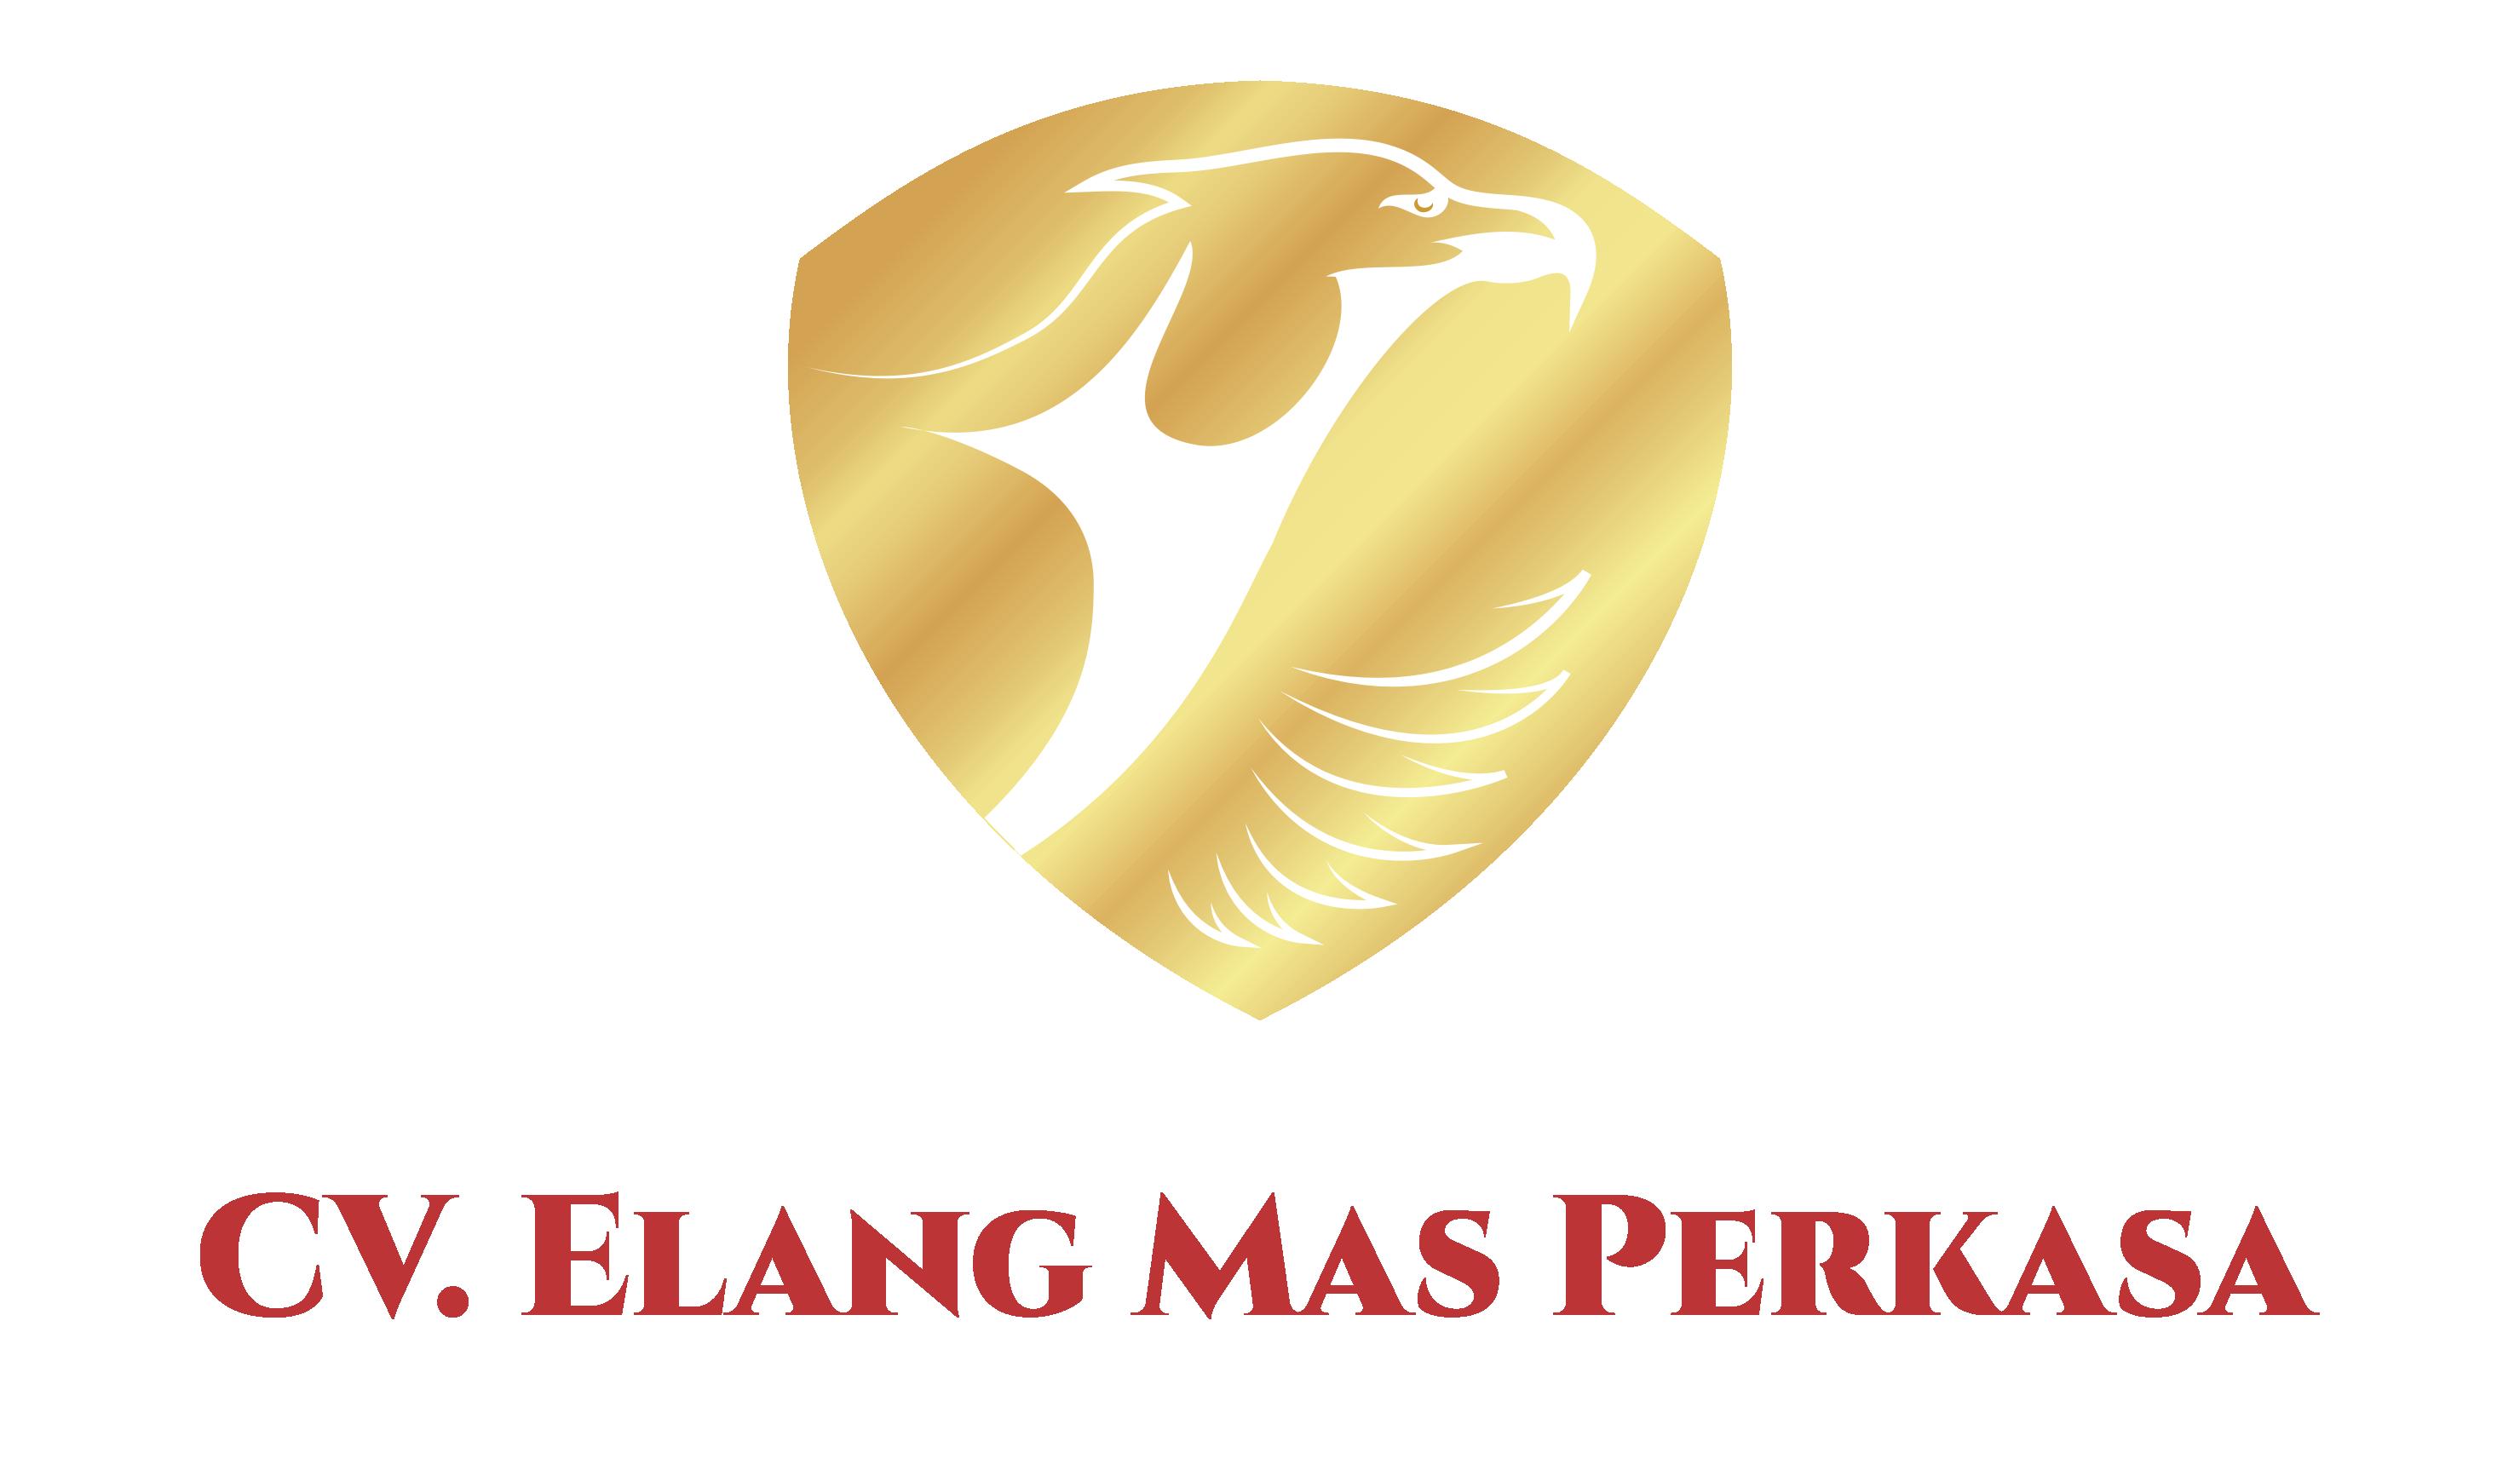 Logo Elang Mas Perkasa